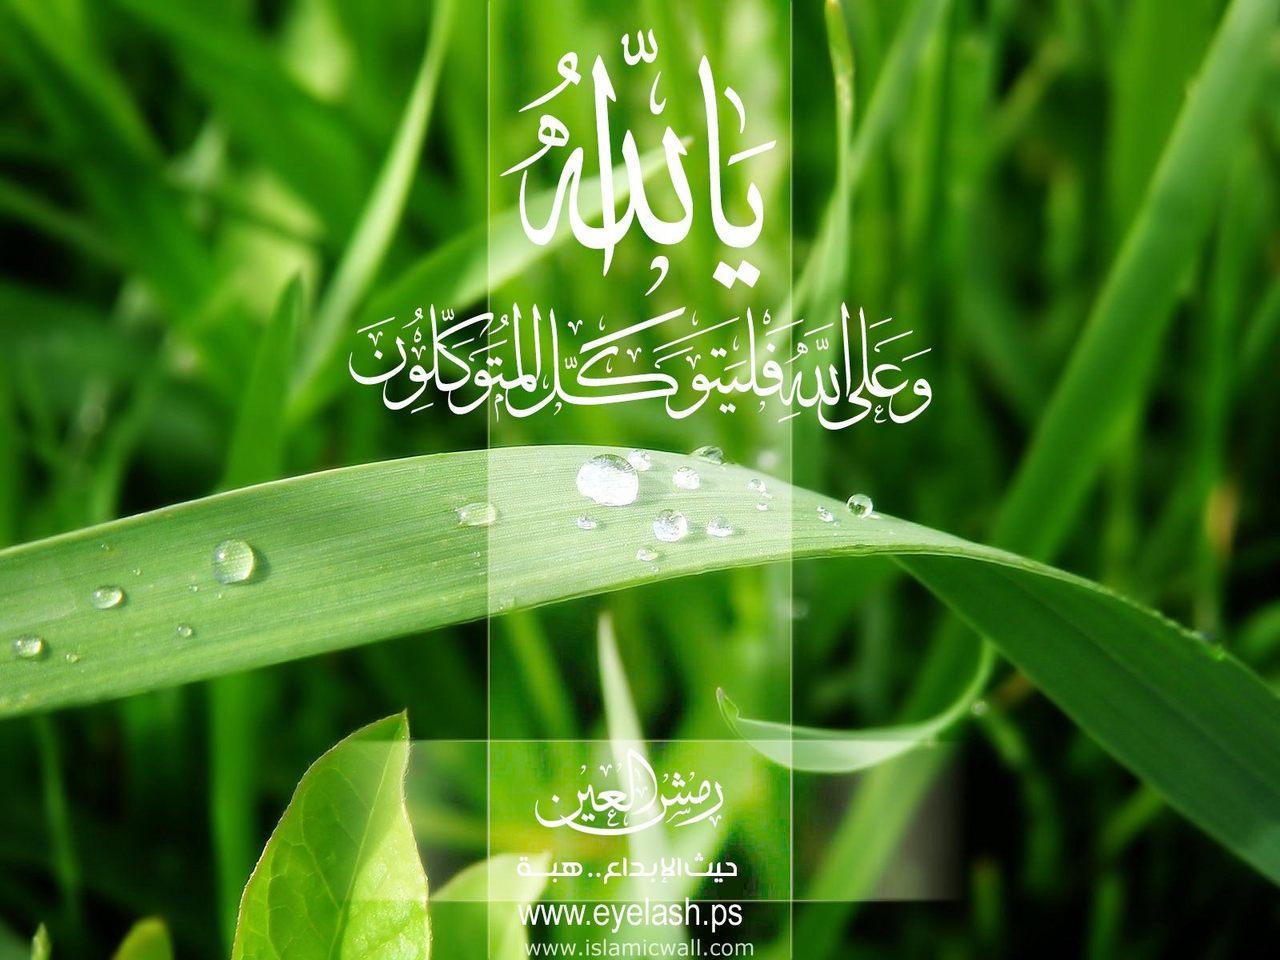 http://1.bp.blogspot.com/-f0VbRAxRzlg/TrlJp9CB6UI/AAAAAAAAJ8w/wB5-mAW5TDw/s1600/ya-Allah.jpeg